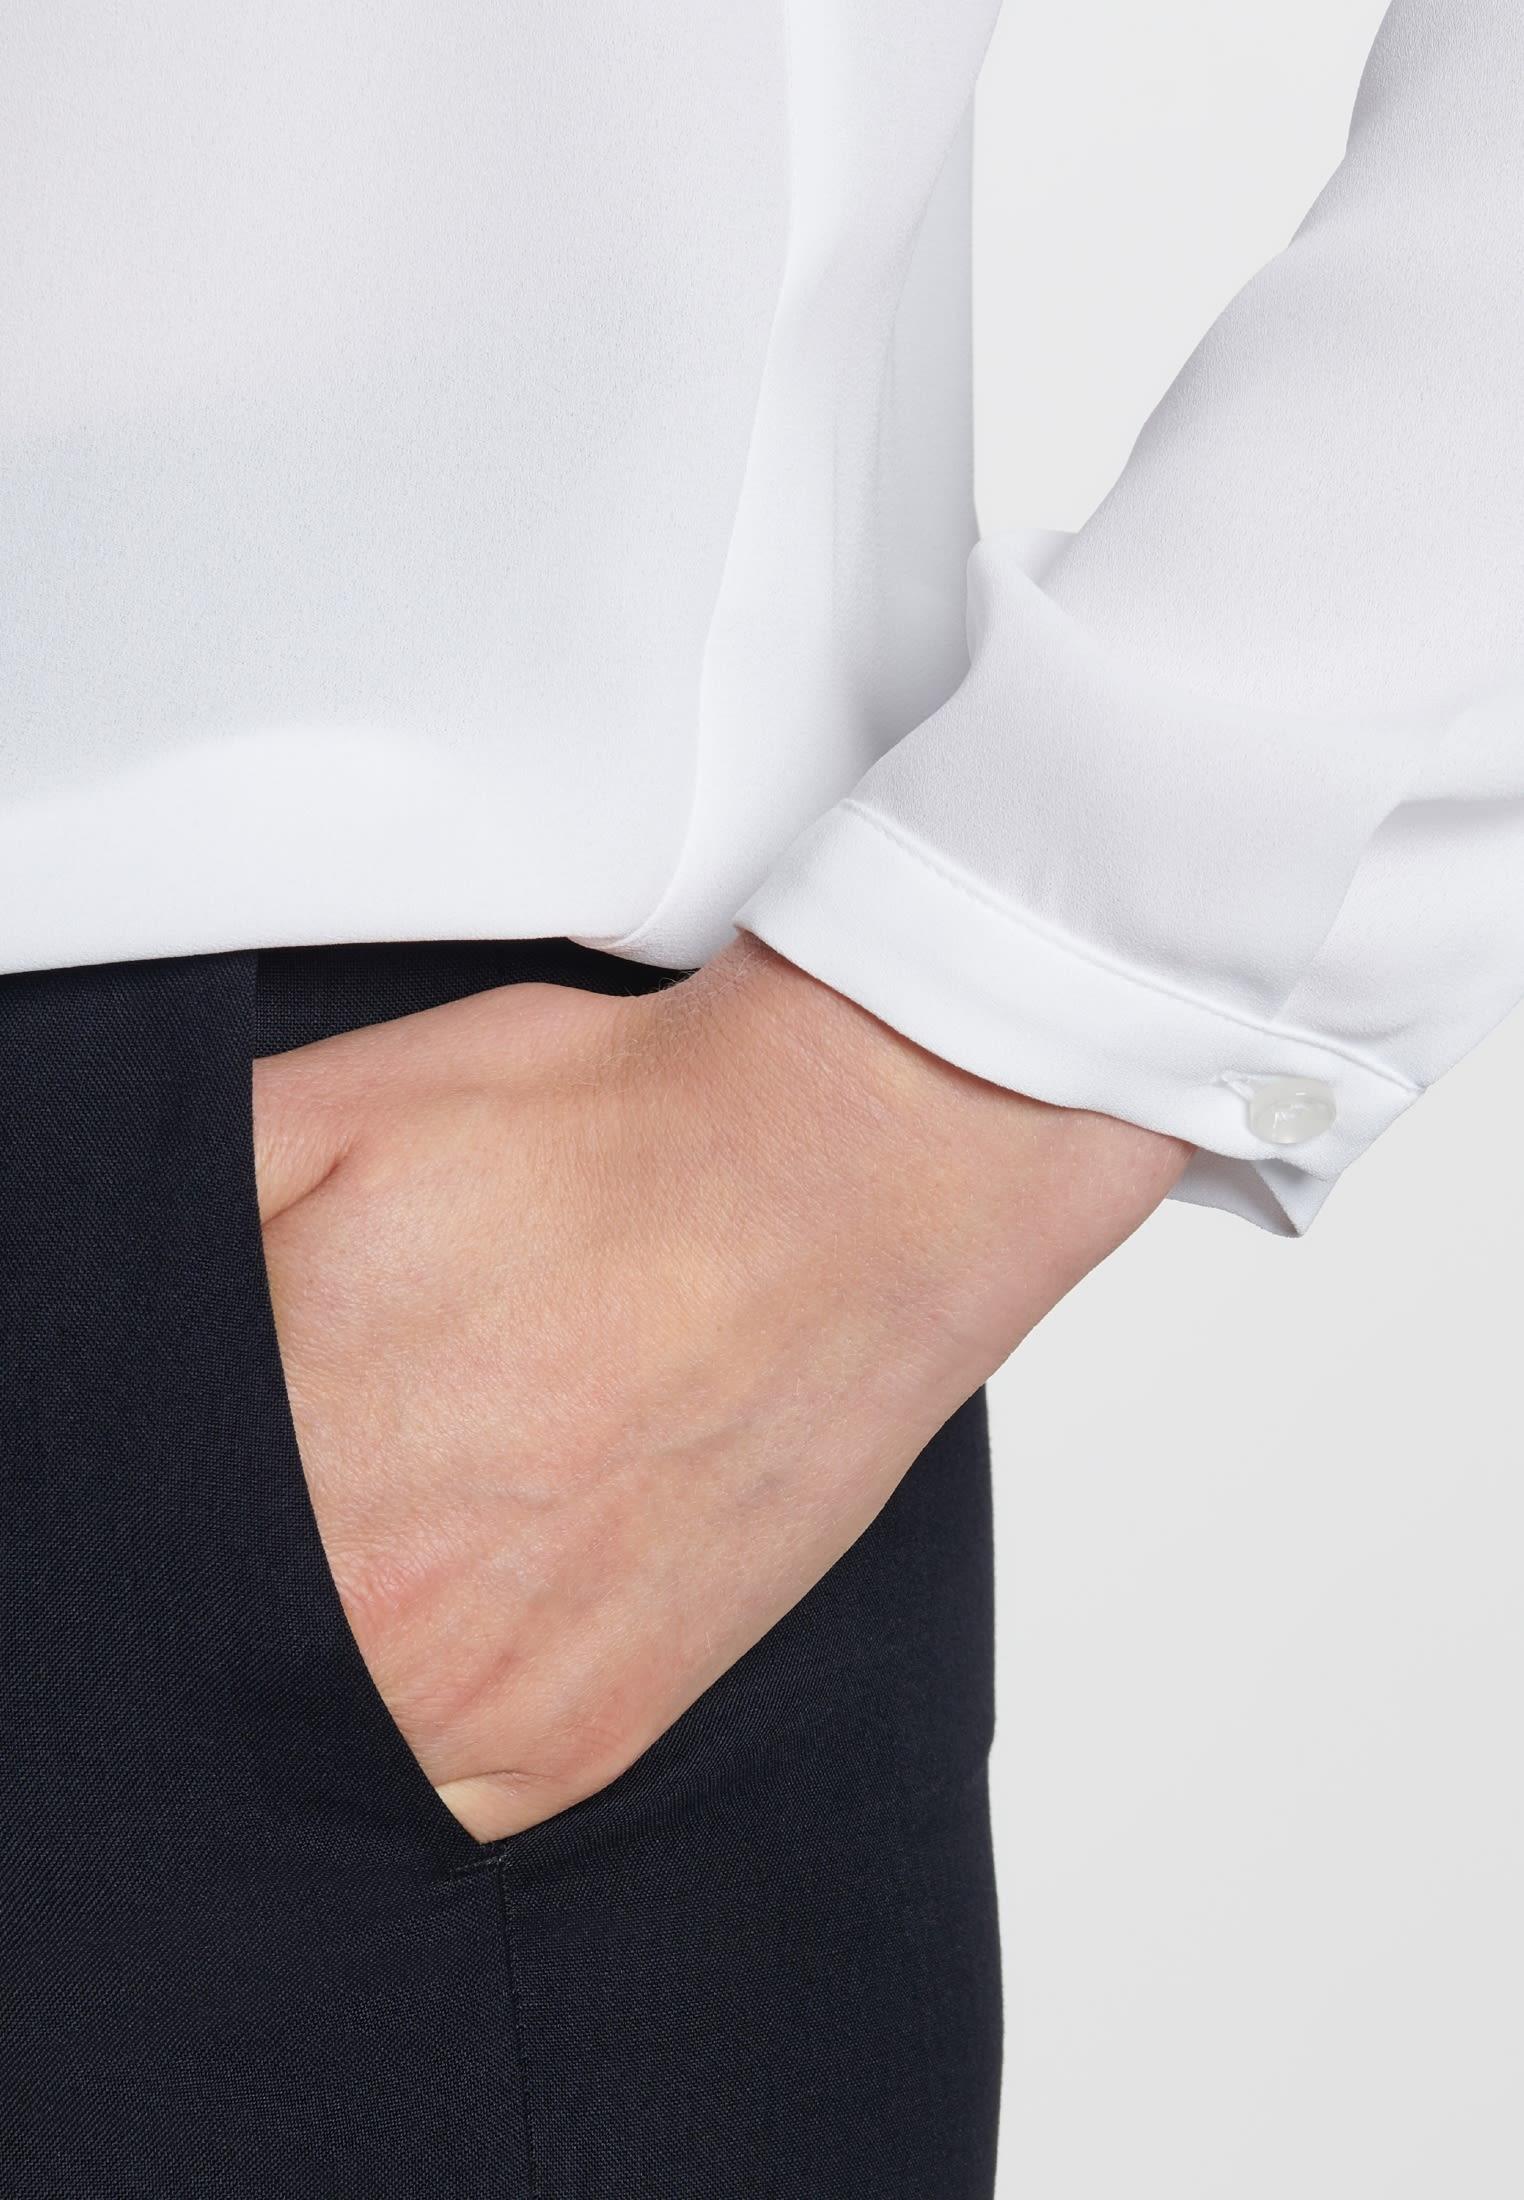 Krepp Shirtbluse aus 100% Polyester in Weiß |  Seidensticker Onlineshop